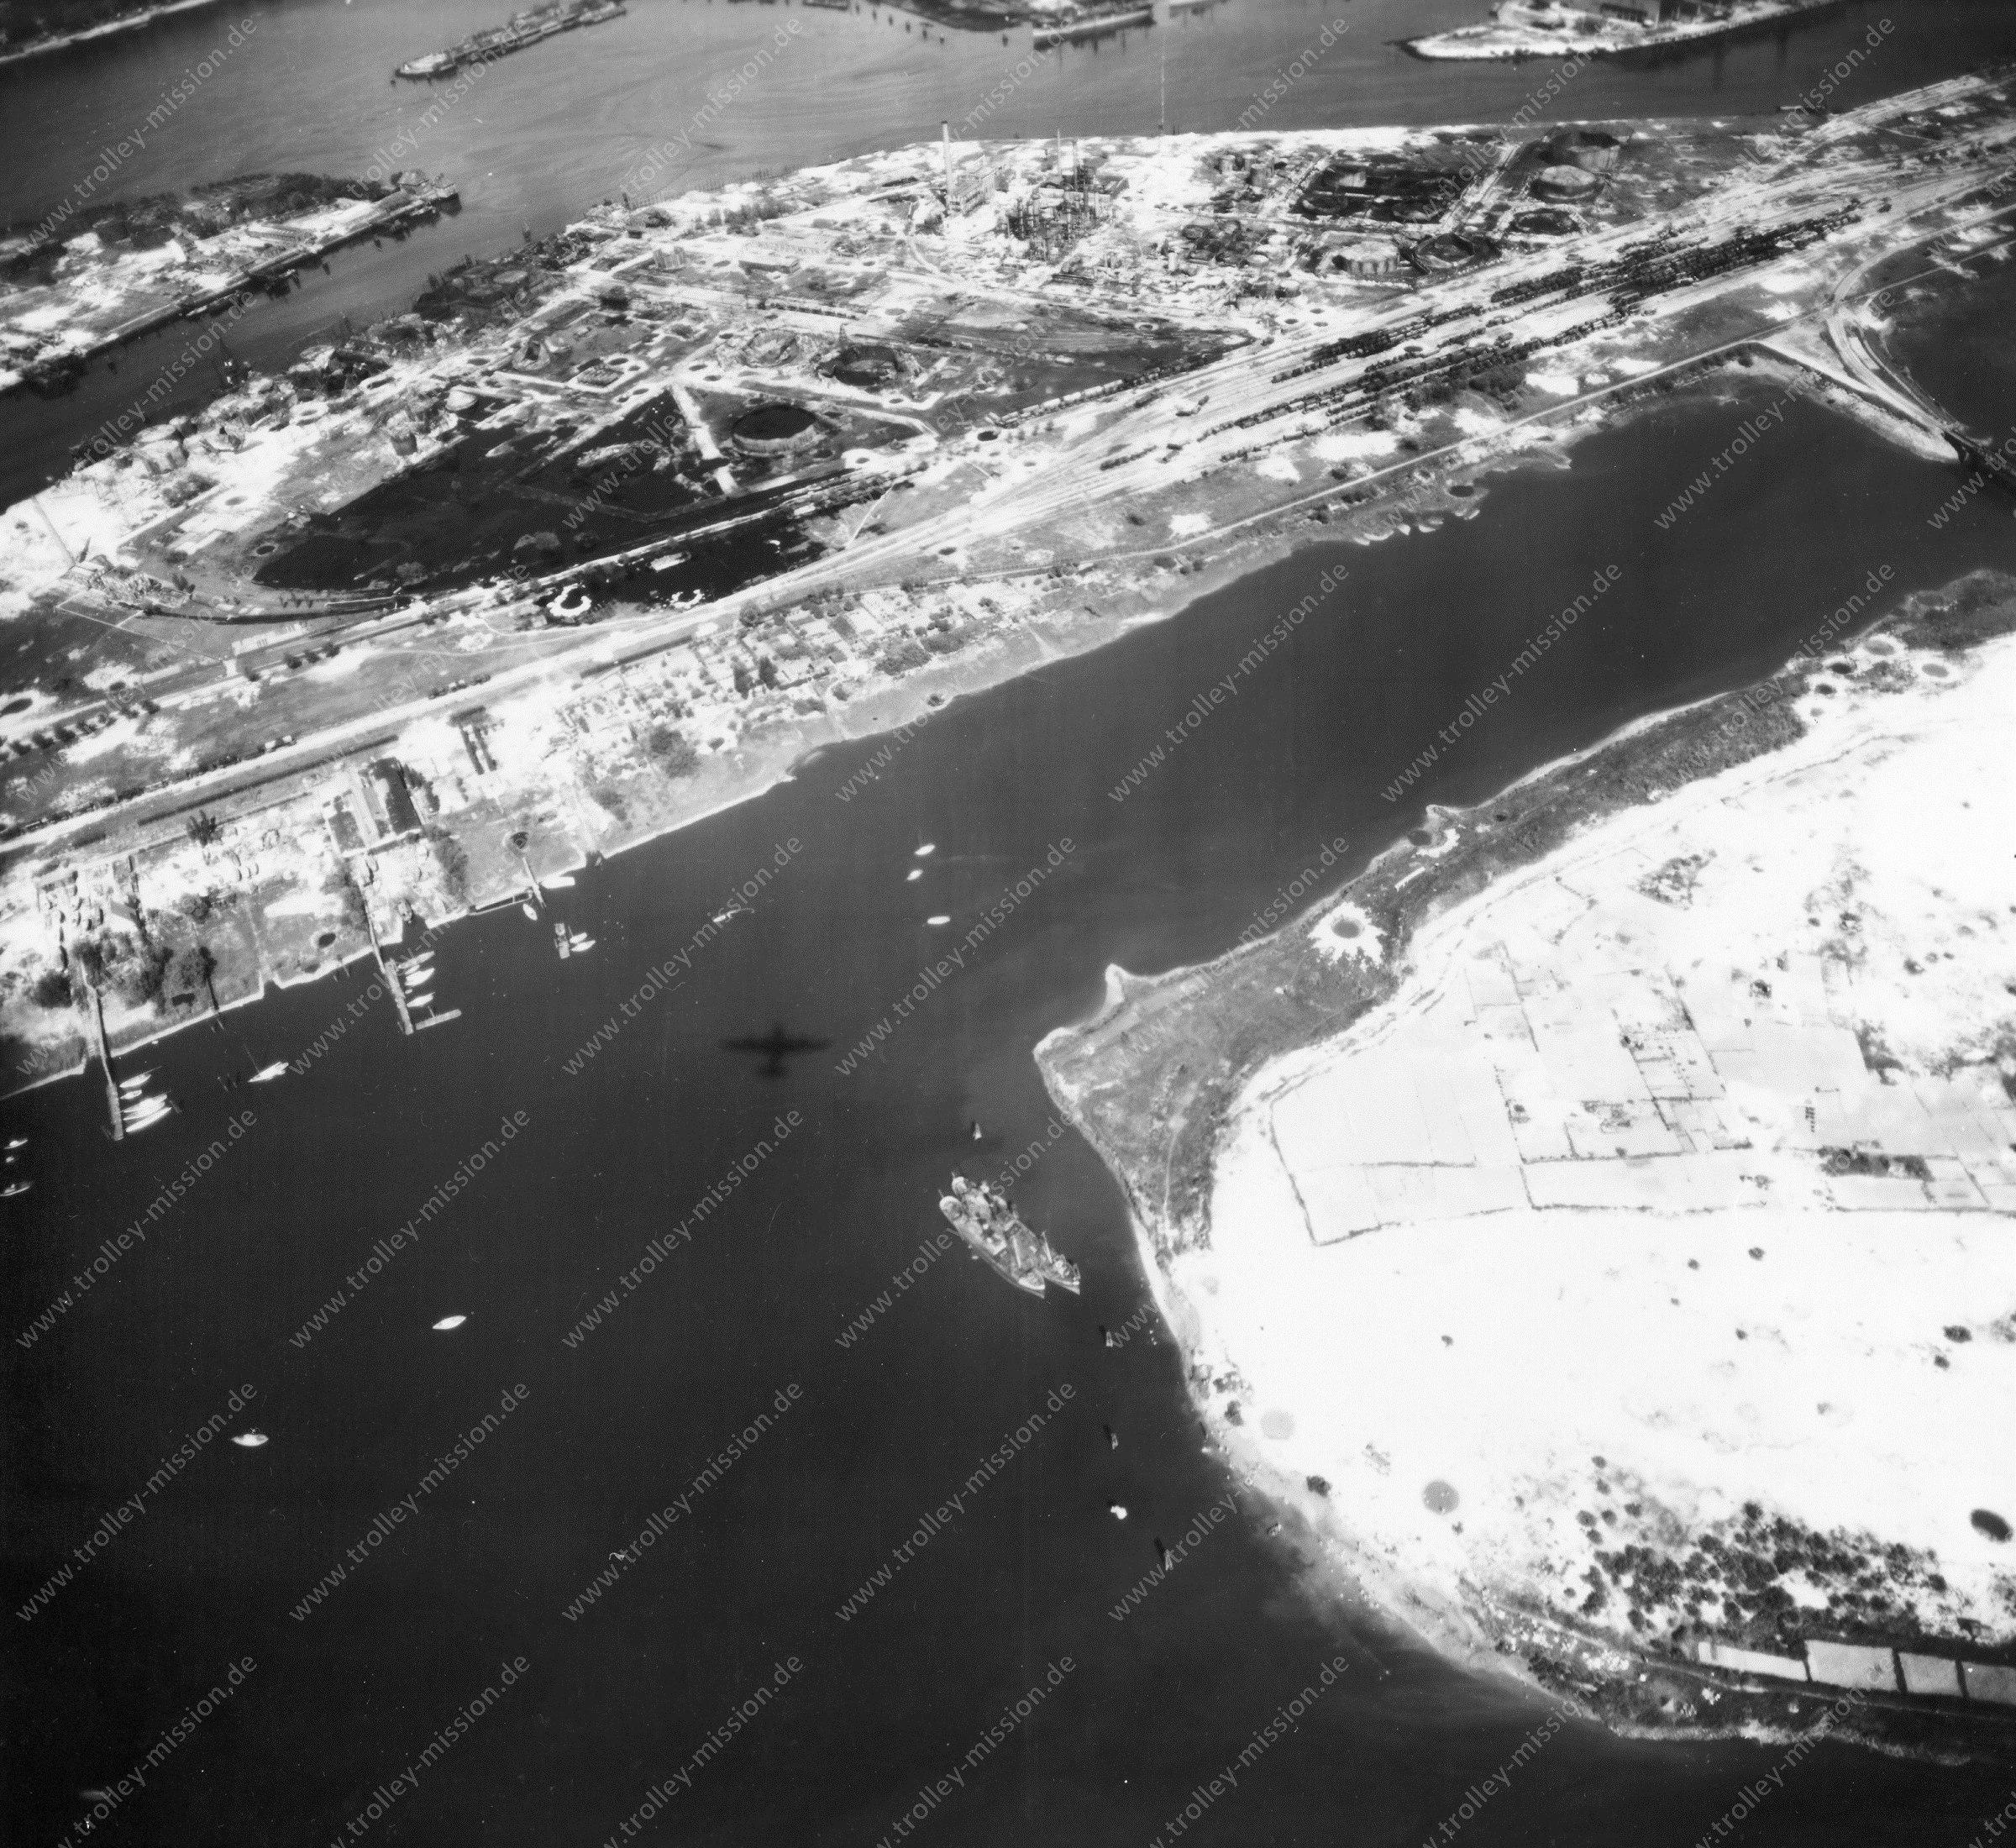 Luftbild von Hamburg und Hafen am 12. Mai 1945 - Luftbildserie 2/19 der US Air Force